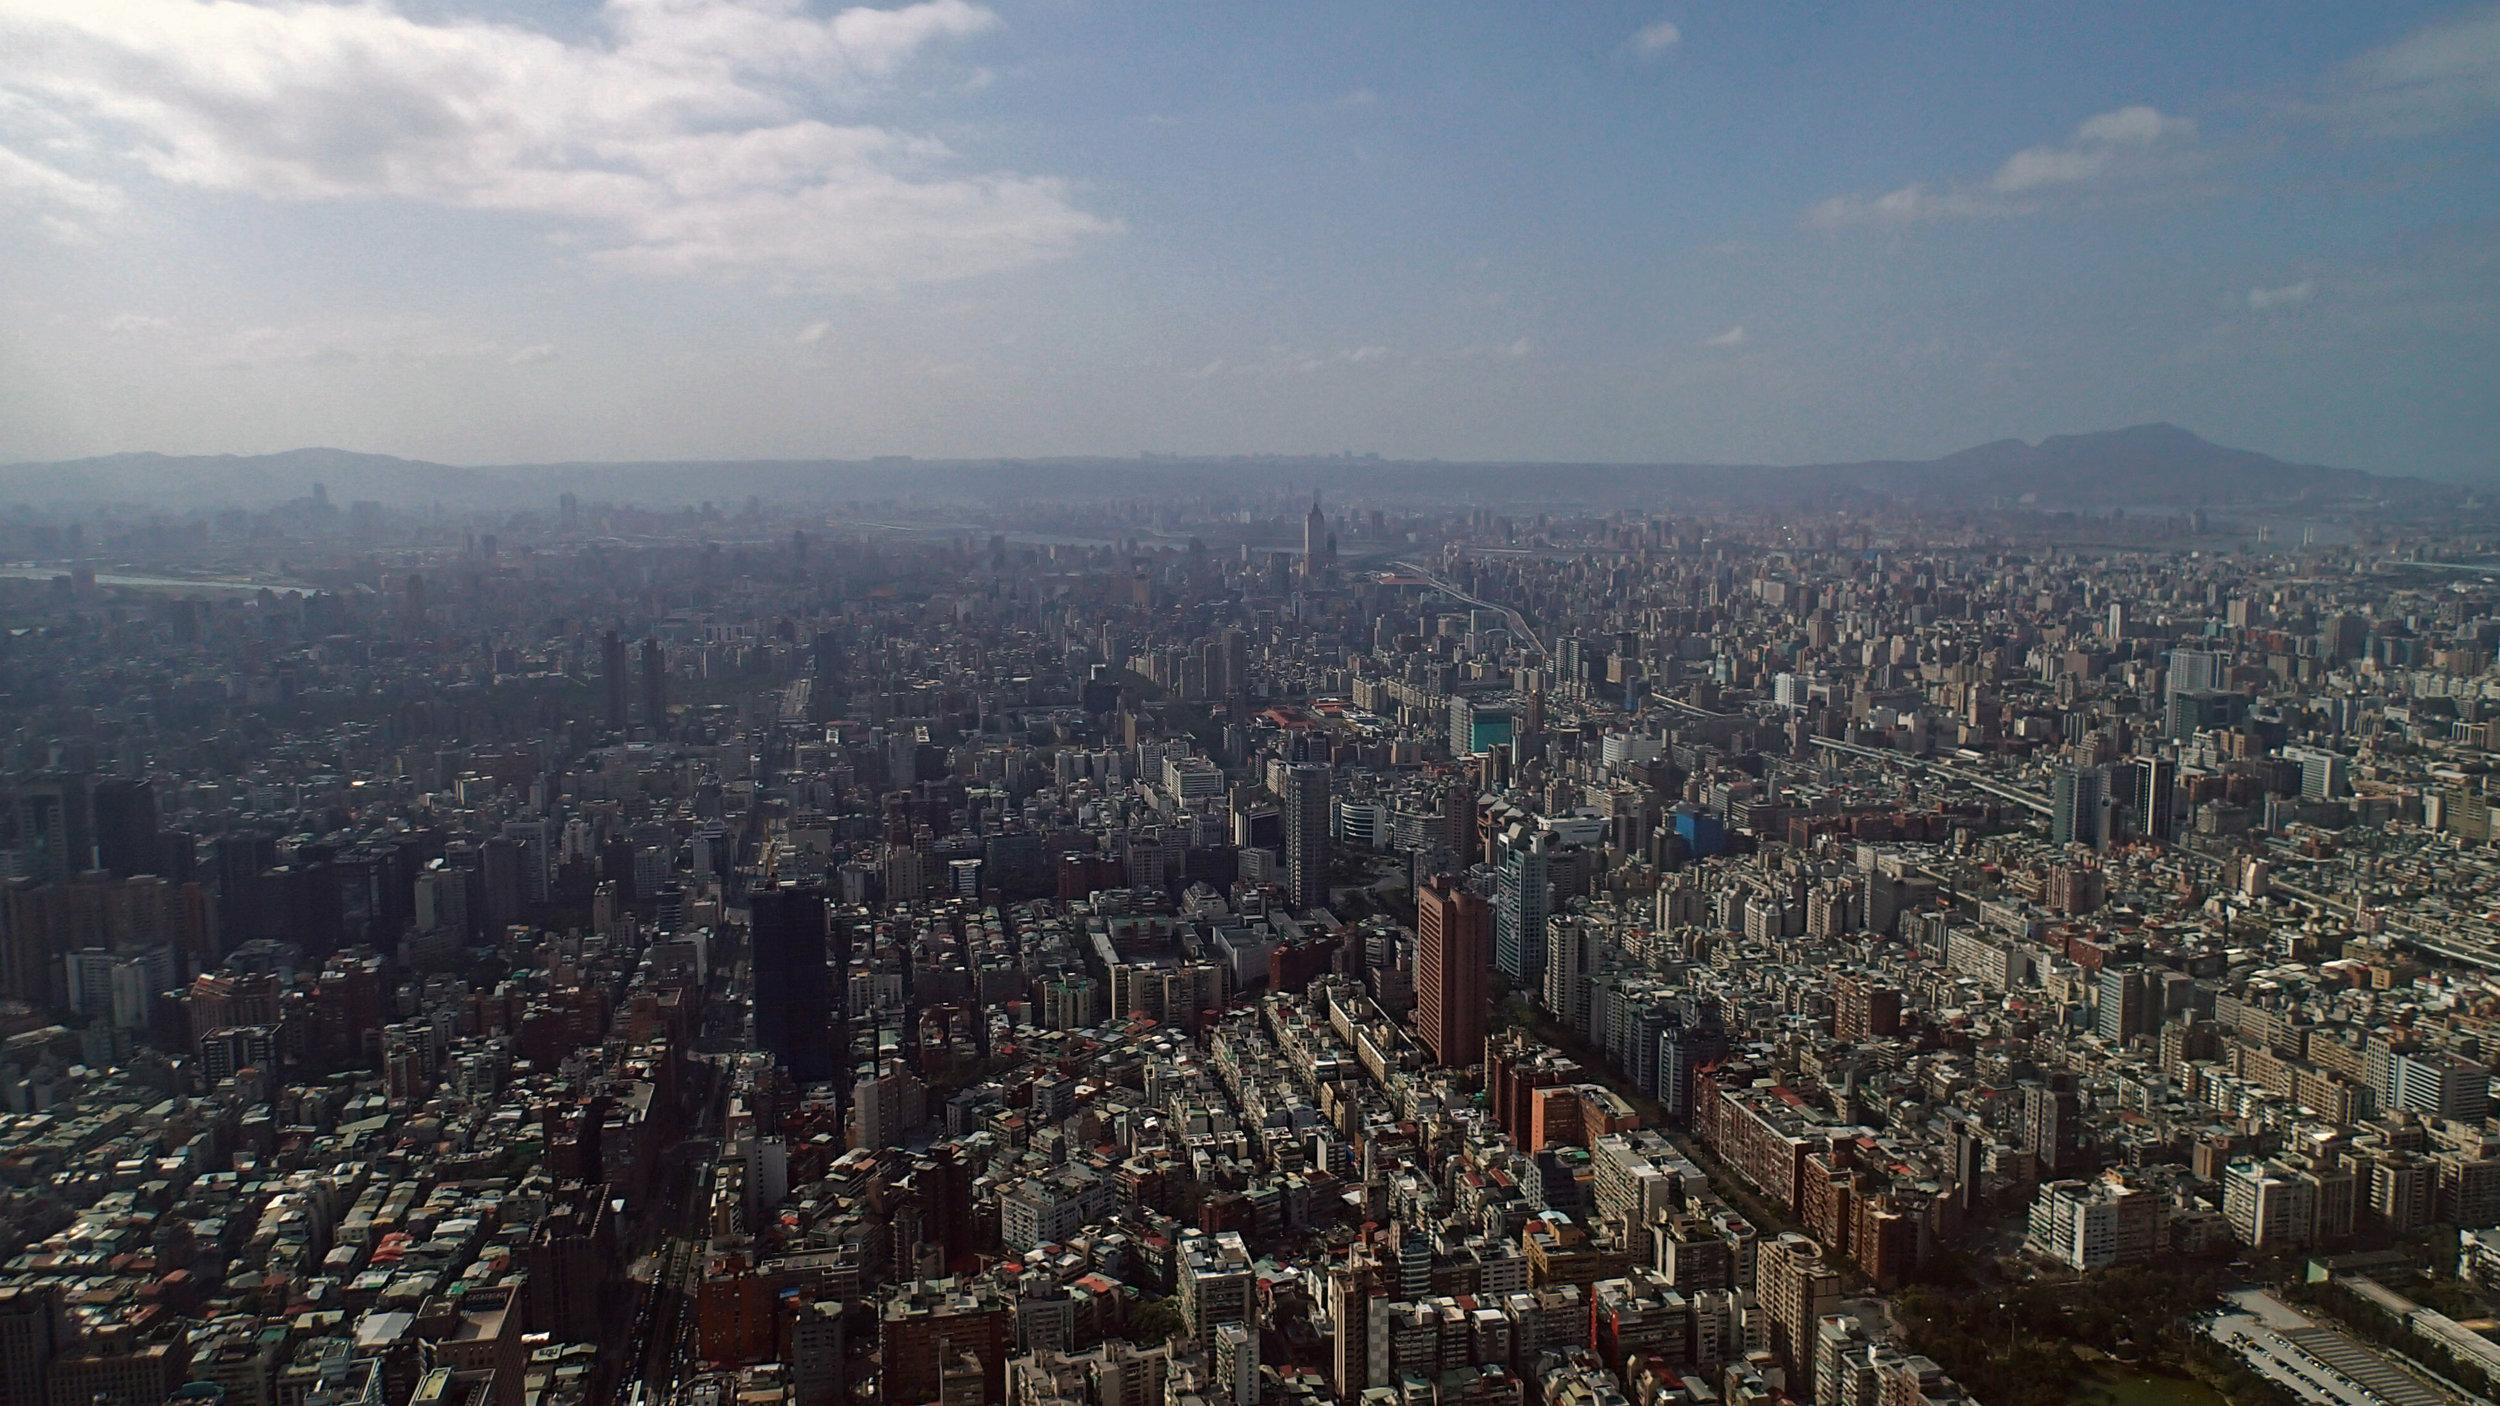 view from Taipei 101.jpg